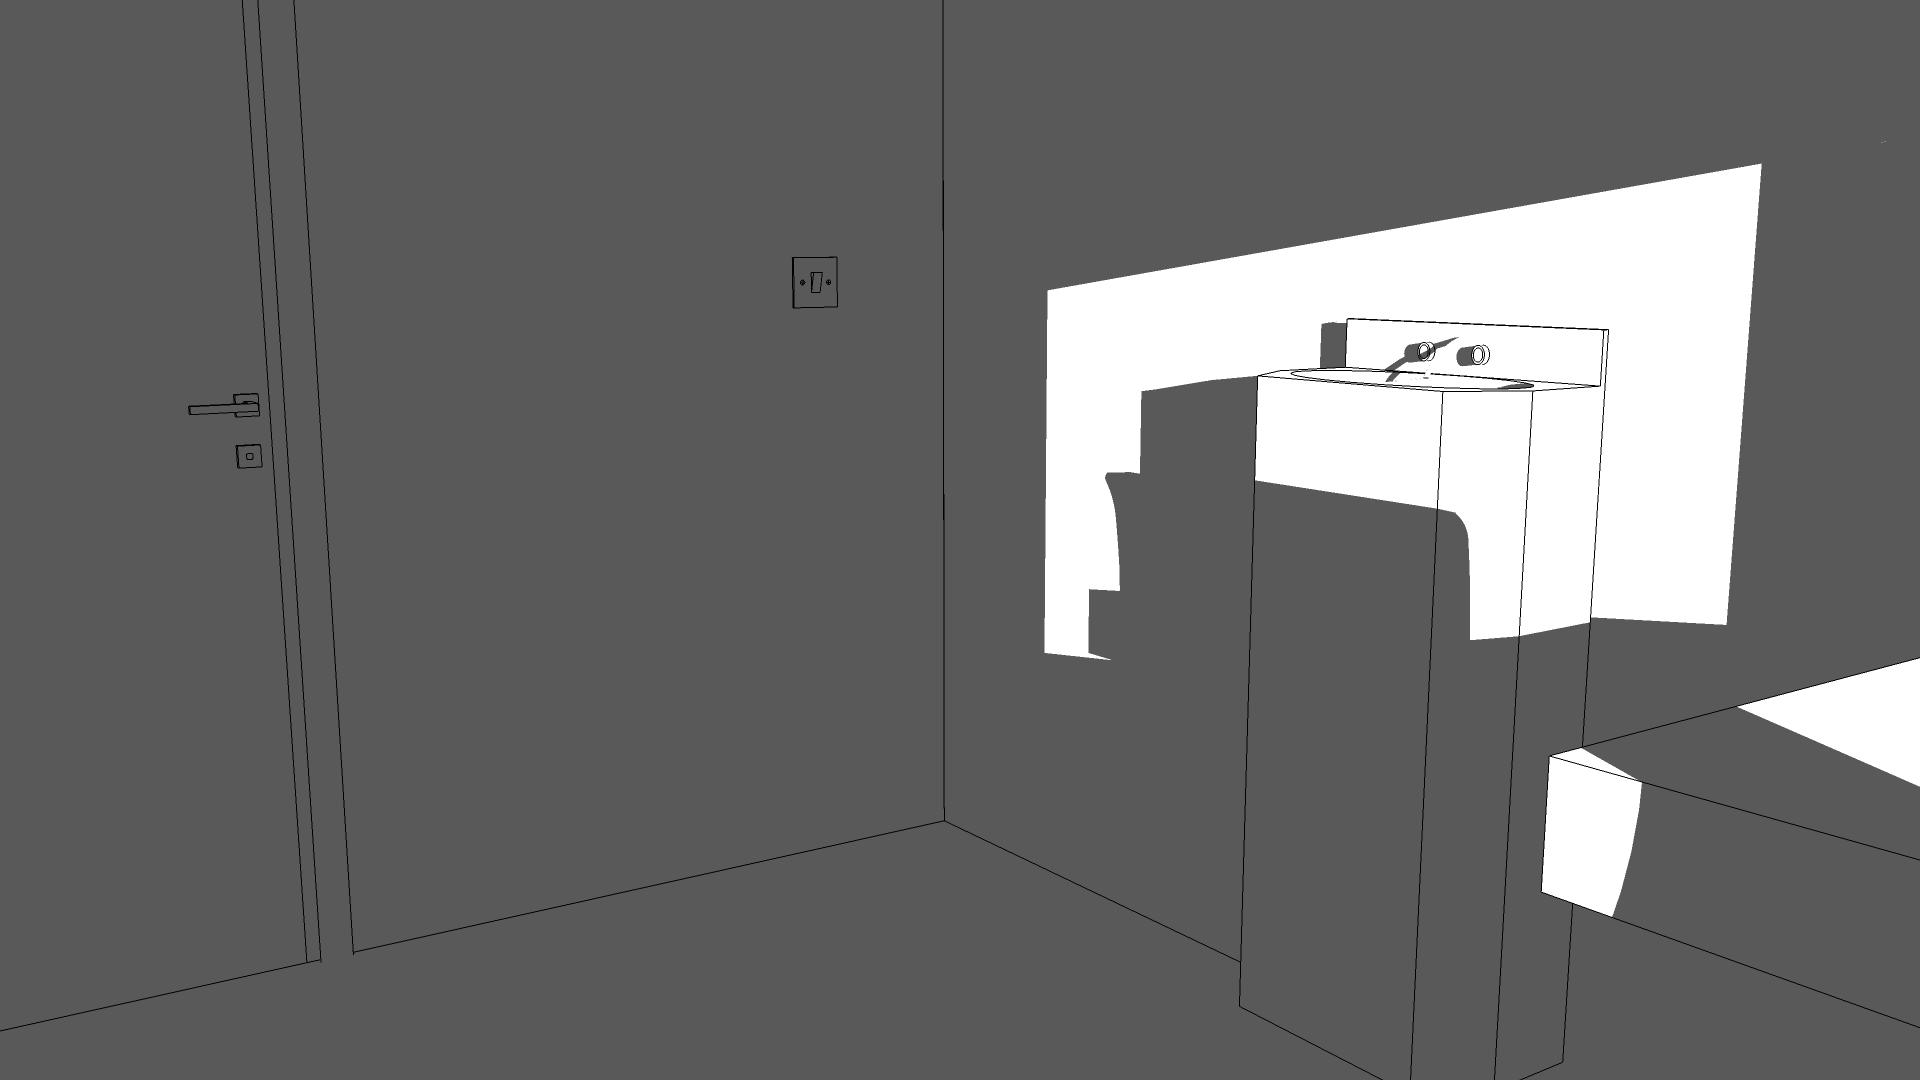 prison-door-closed